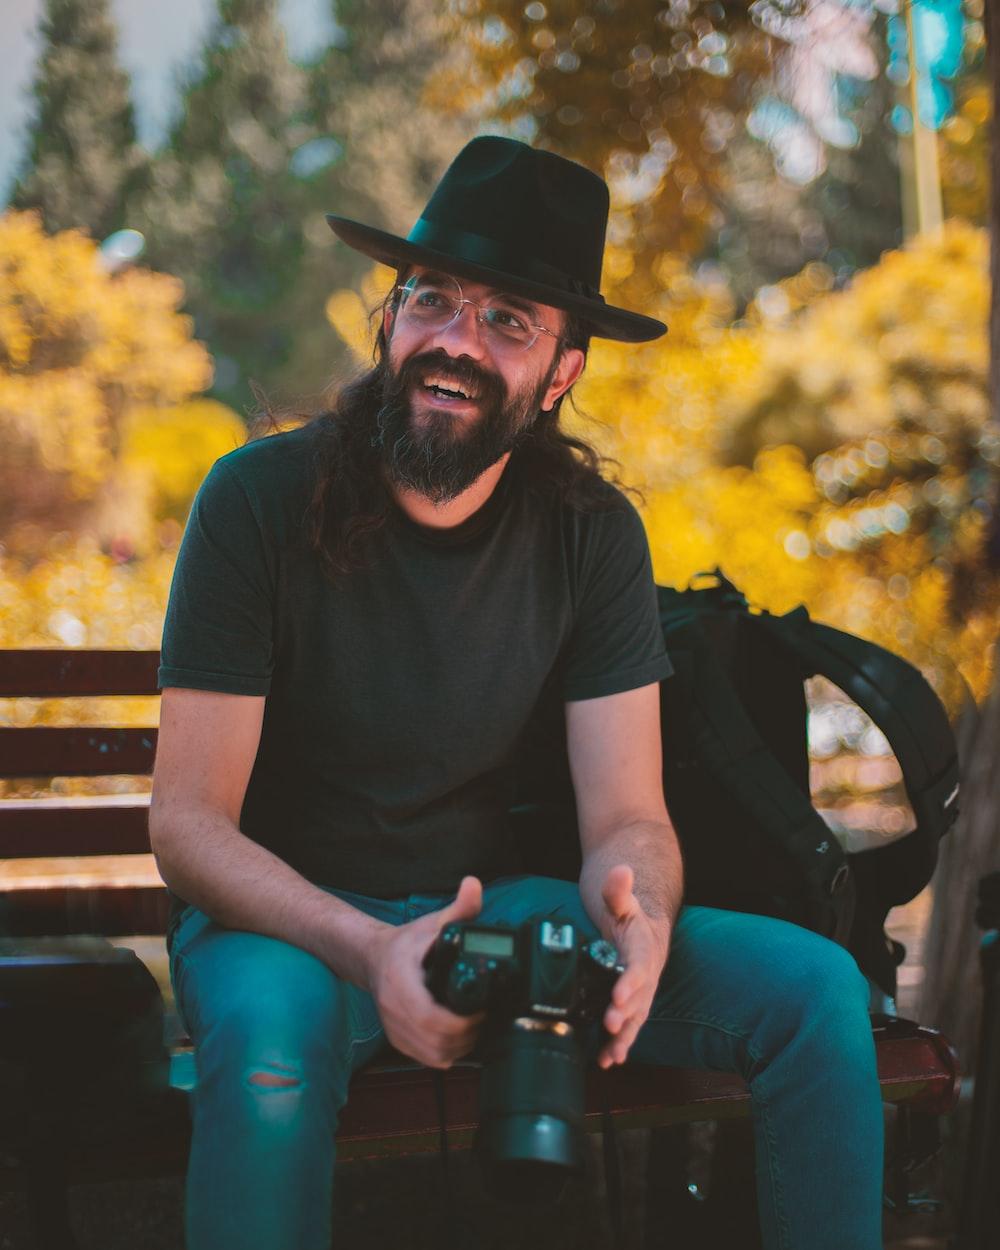 smiling man holding camera